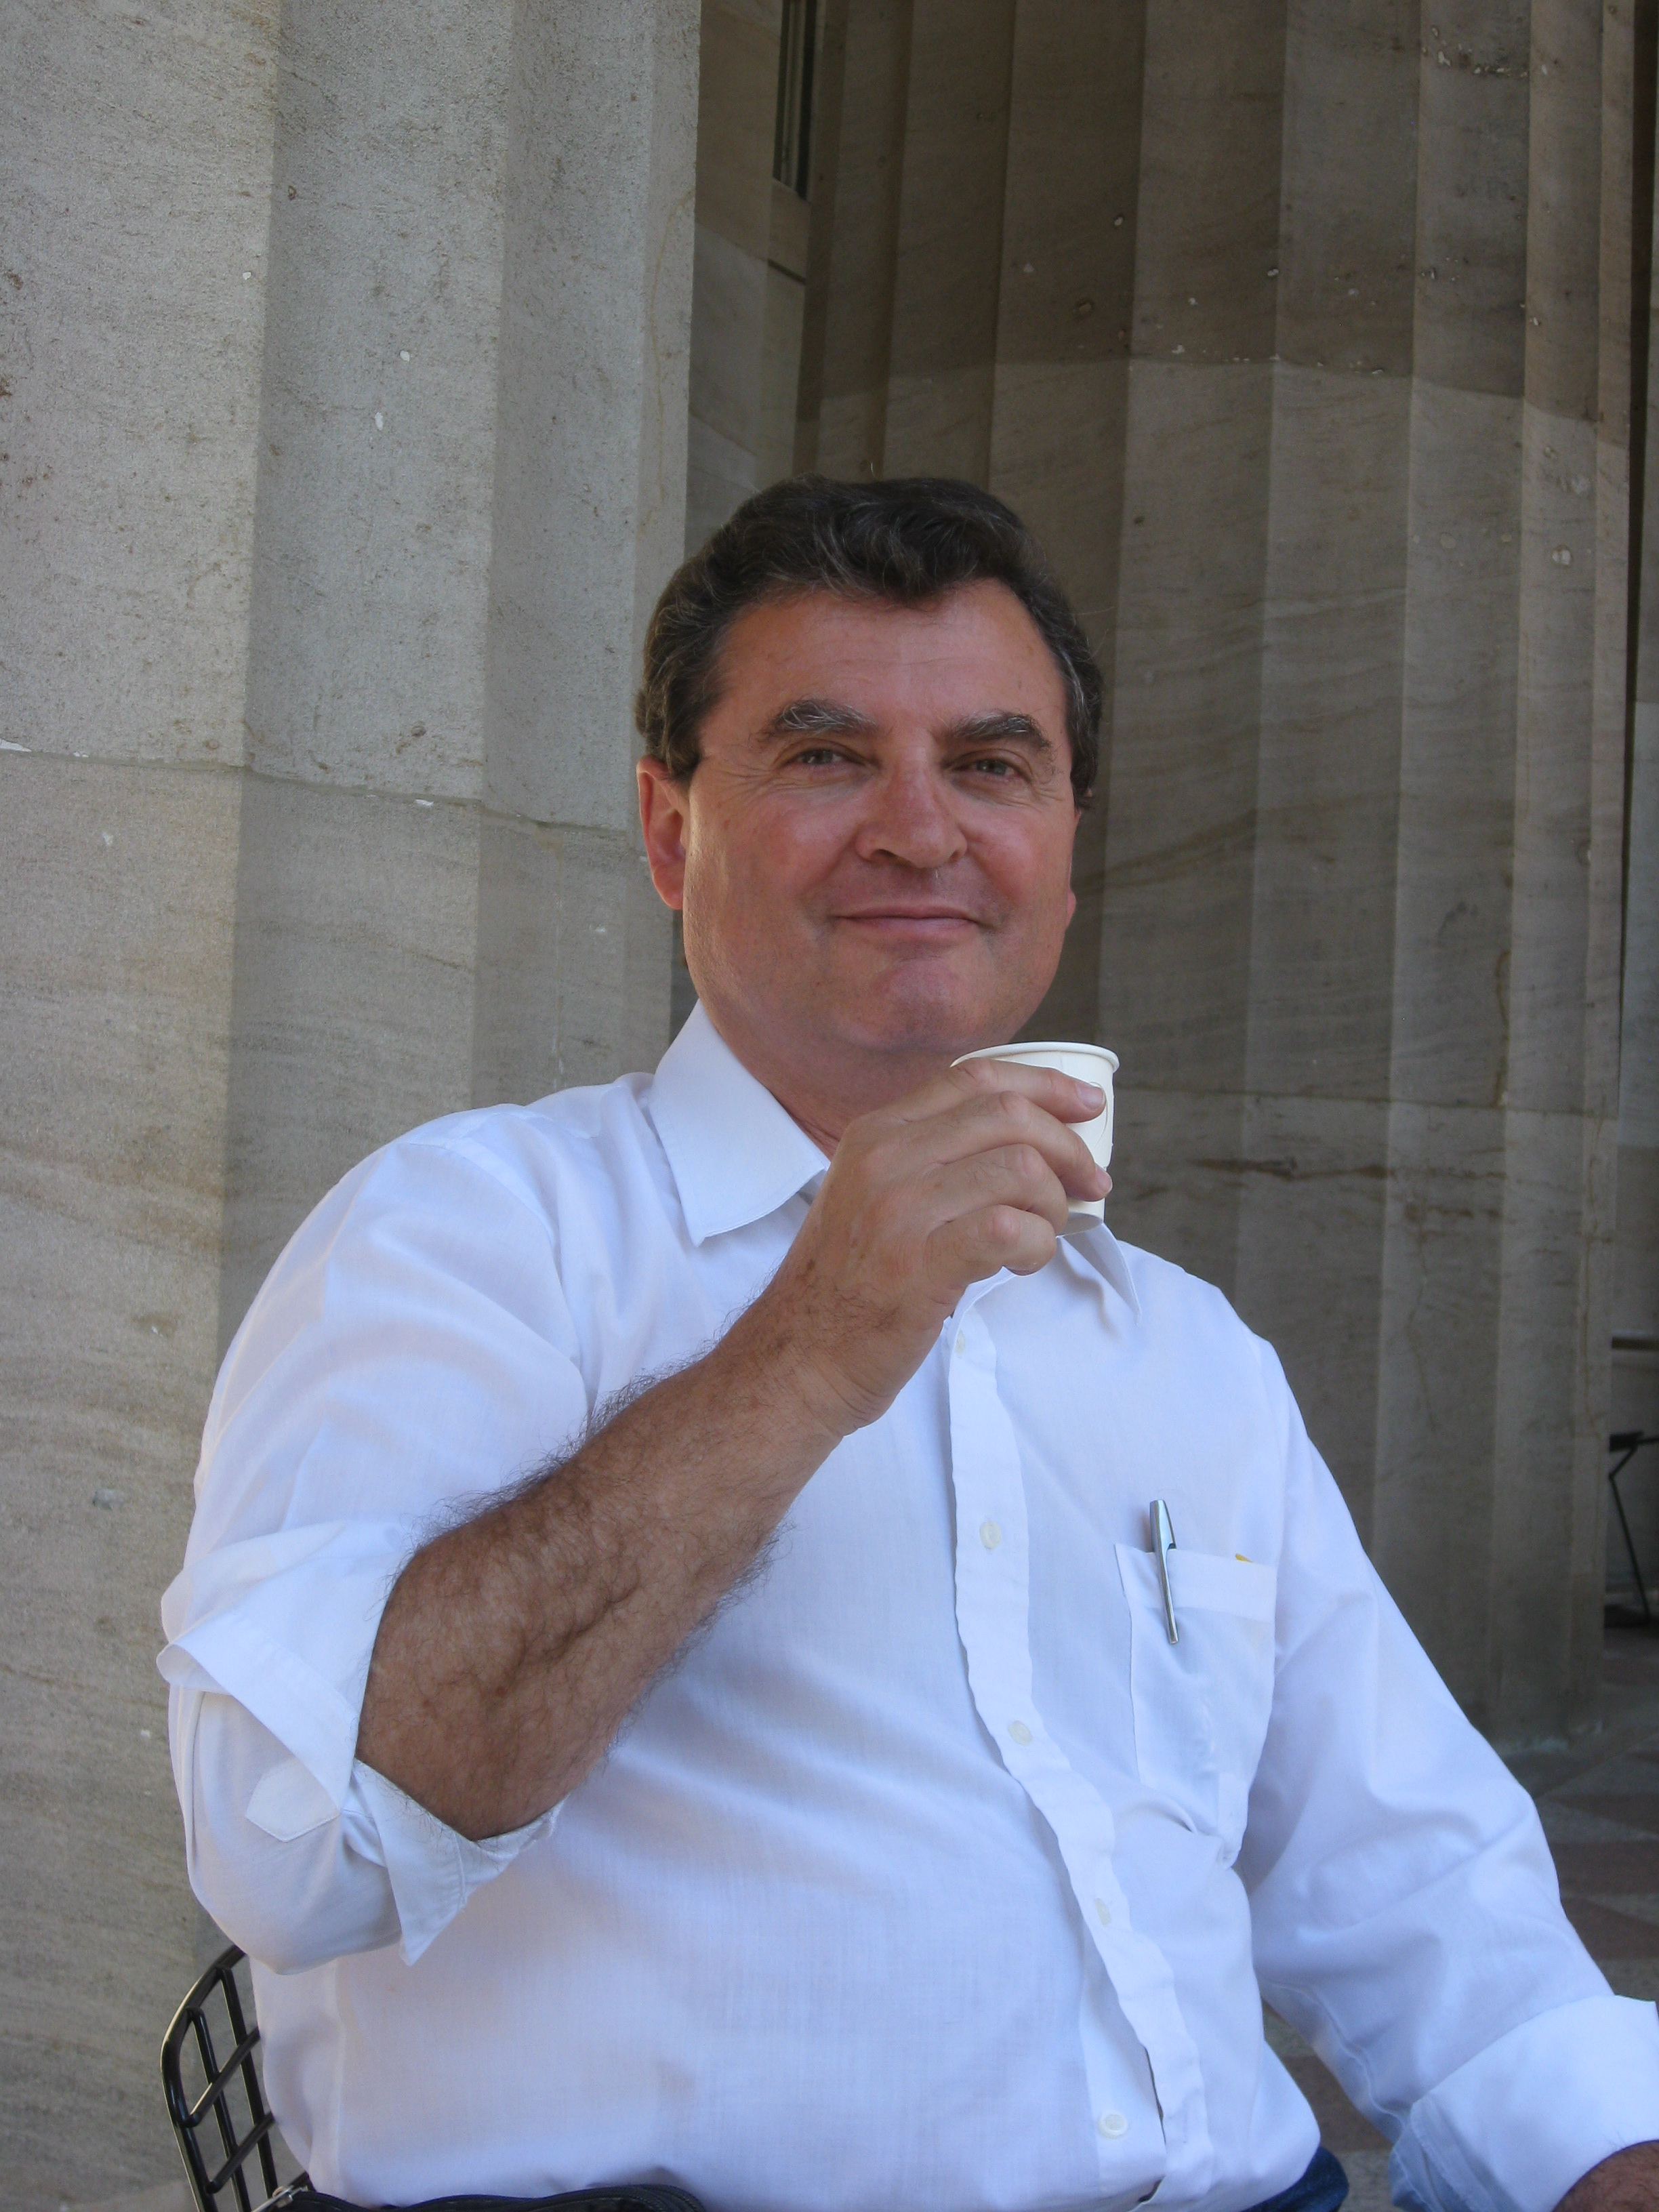 פרופסור זאב בלומנפלד - תמונת פרופיל